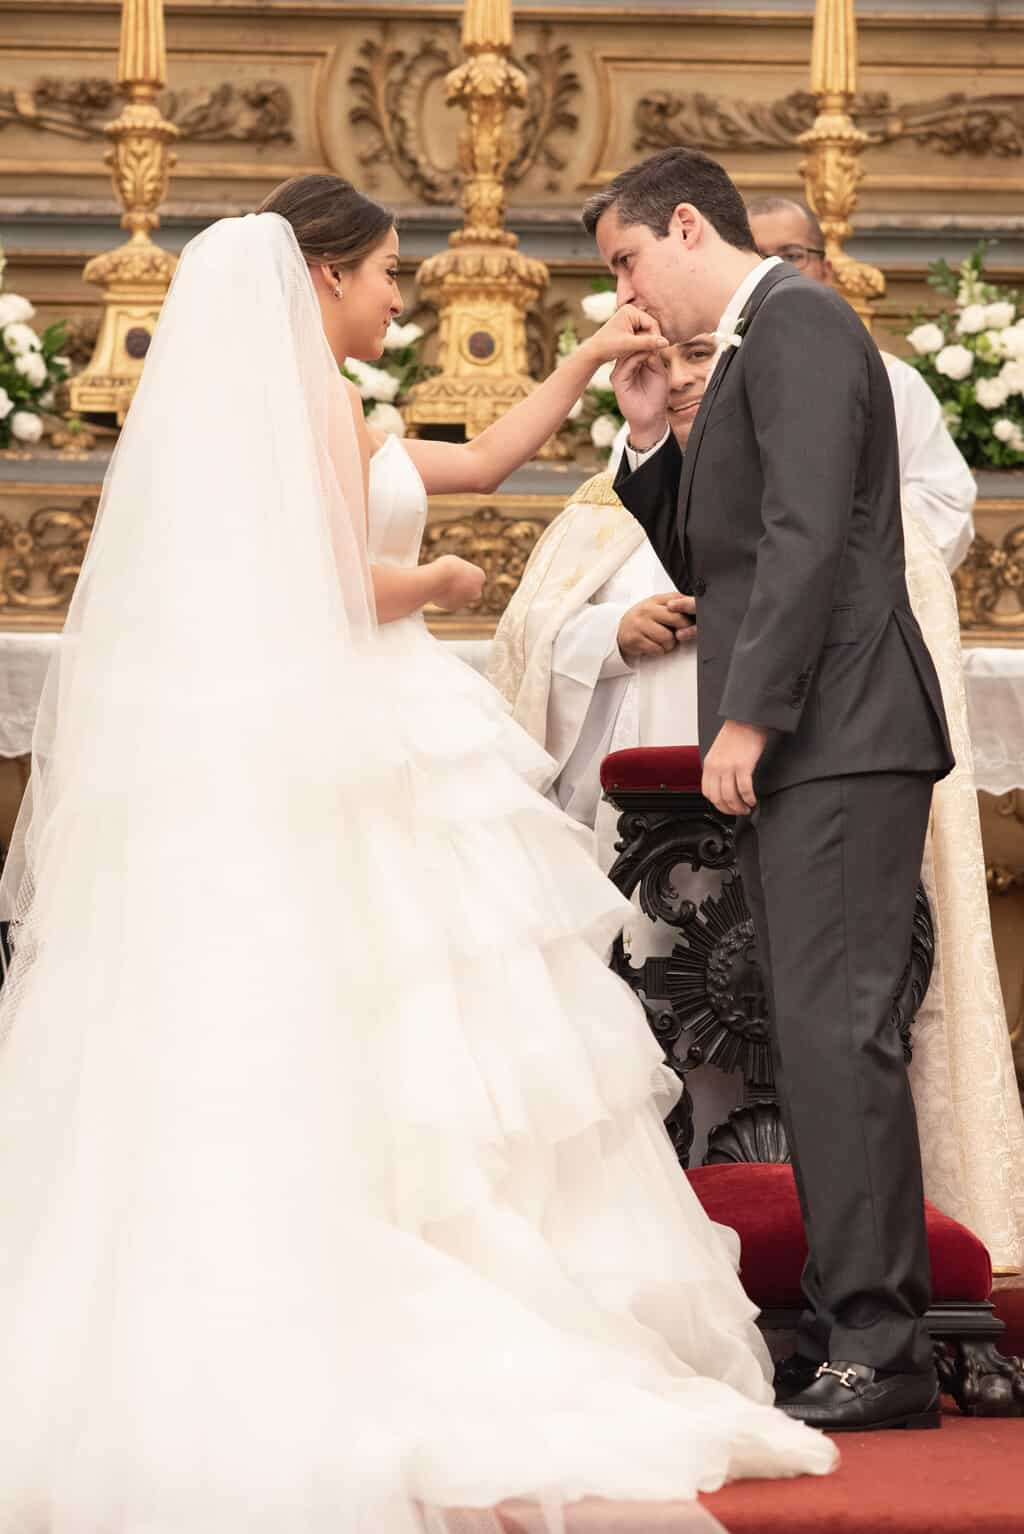 casamento-Karynna-e-Fernando-cerimonia-na-igreja-cerimonial-TCD-Eventos-fotografia-Marina-Fava-Igreja-São-Francisco-de-Paula66